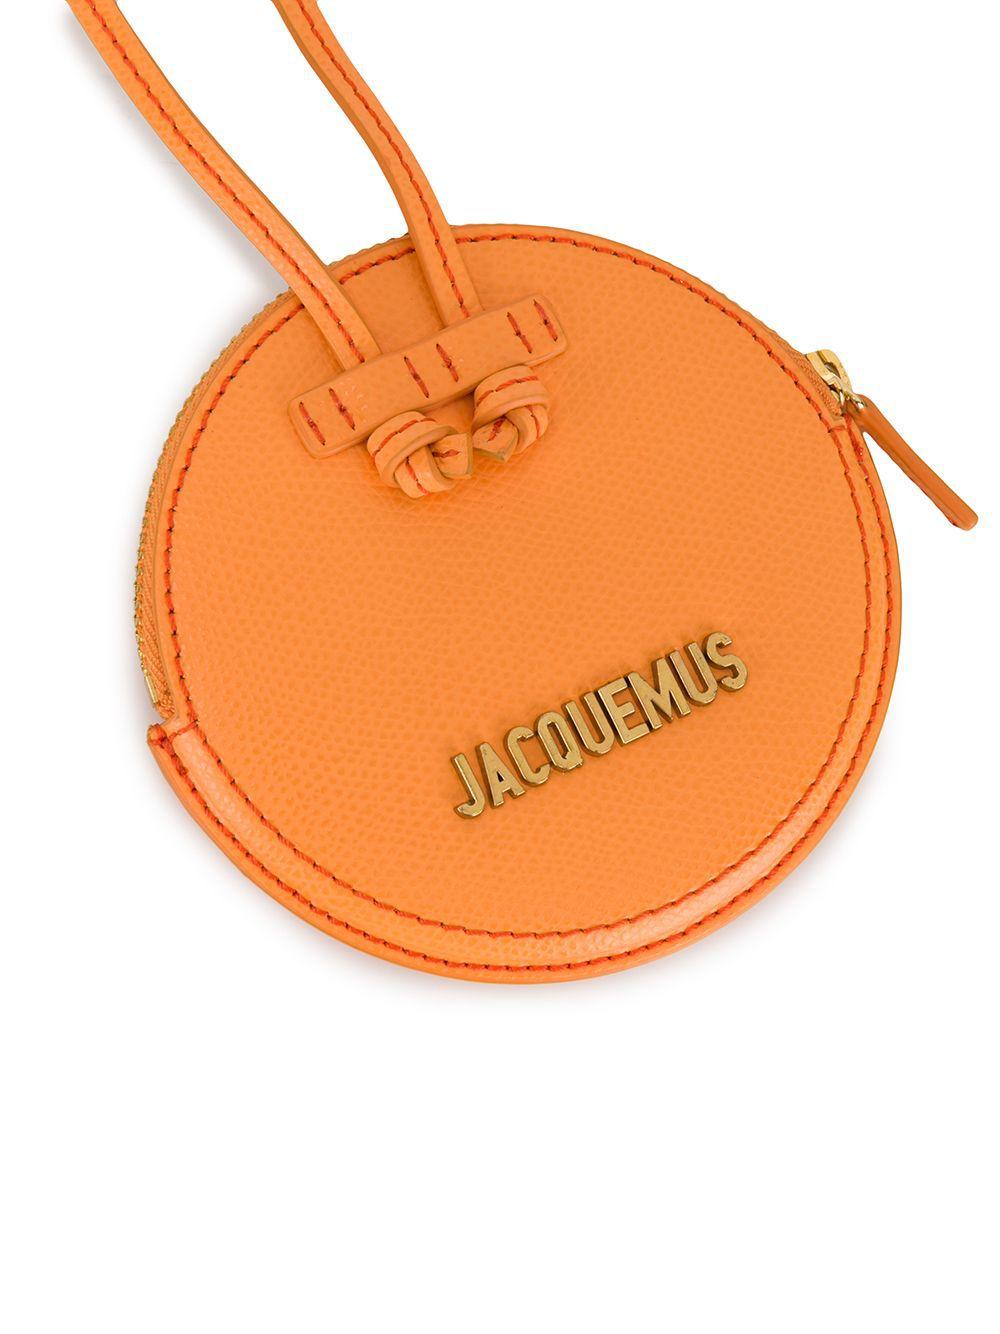 Jacquemus Le Pitchou coin purse